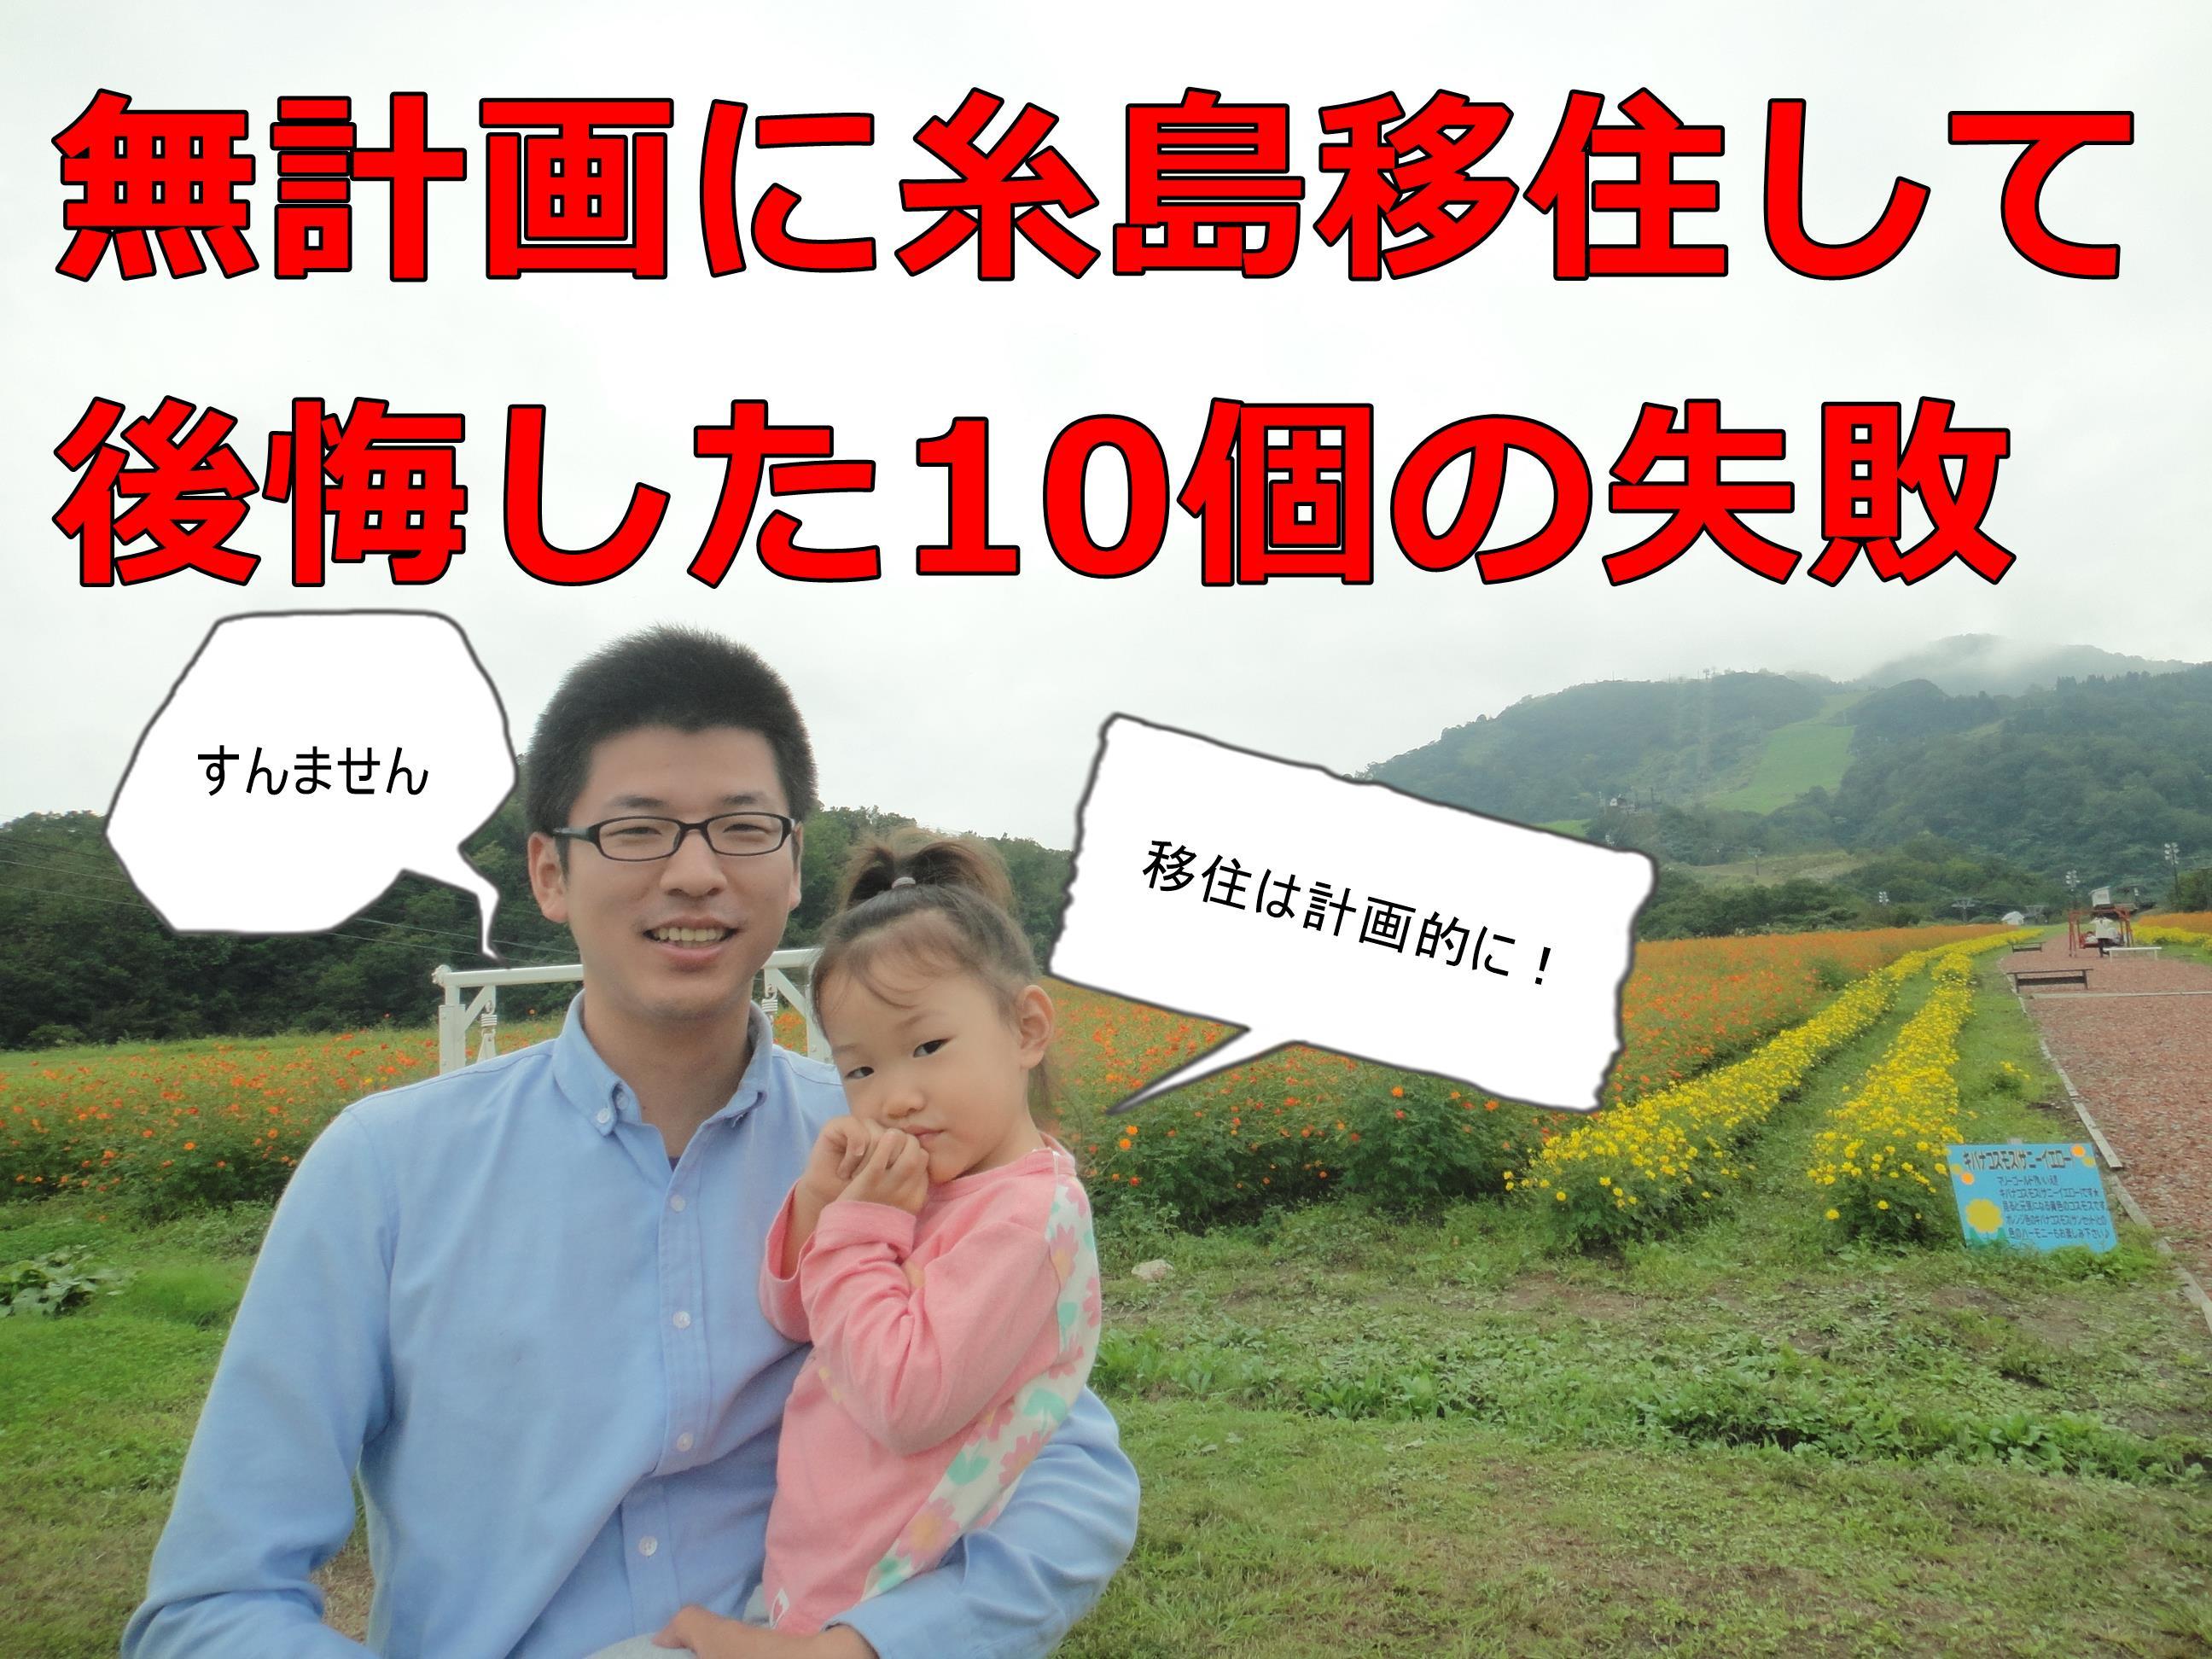 無計画に糸島へ移住してみたら後悔した10個の失敗